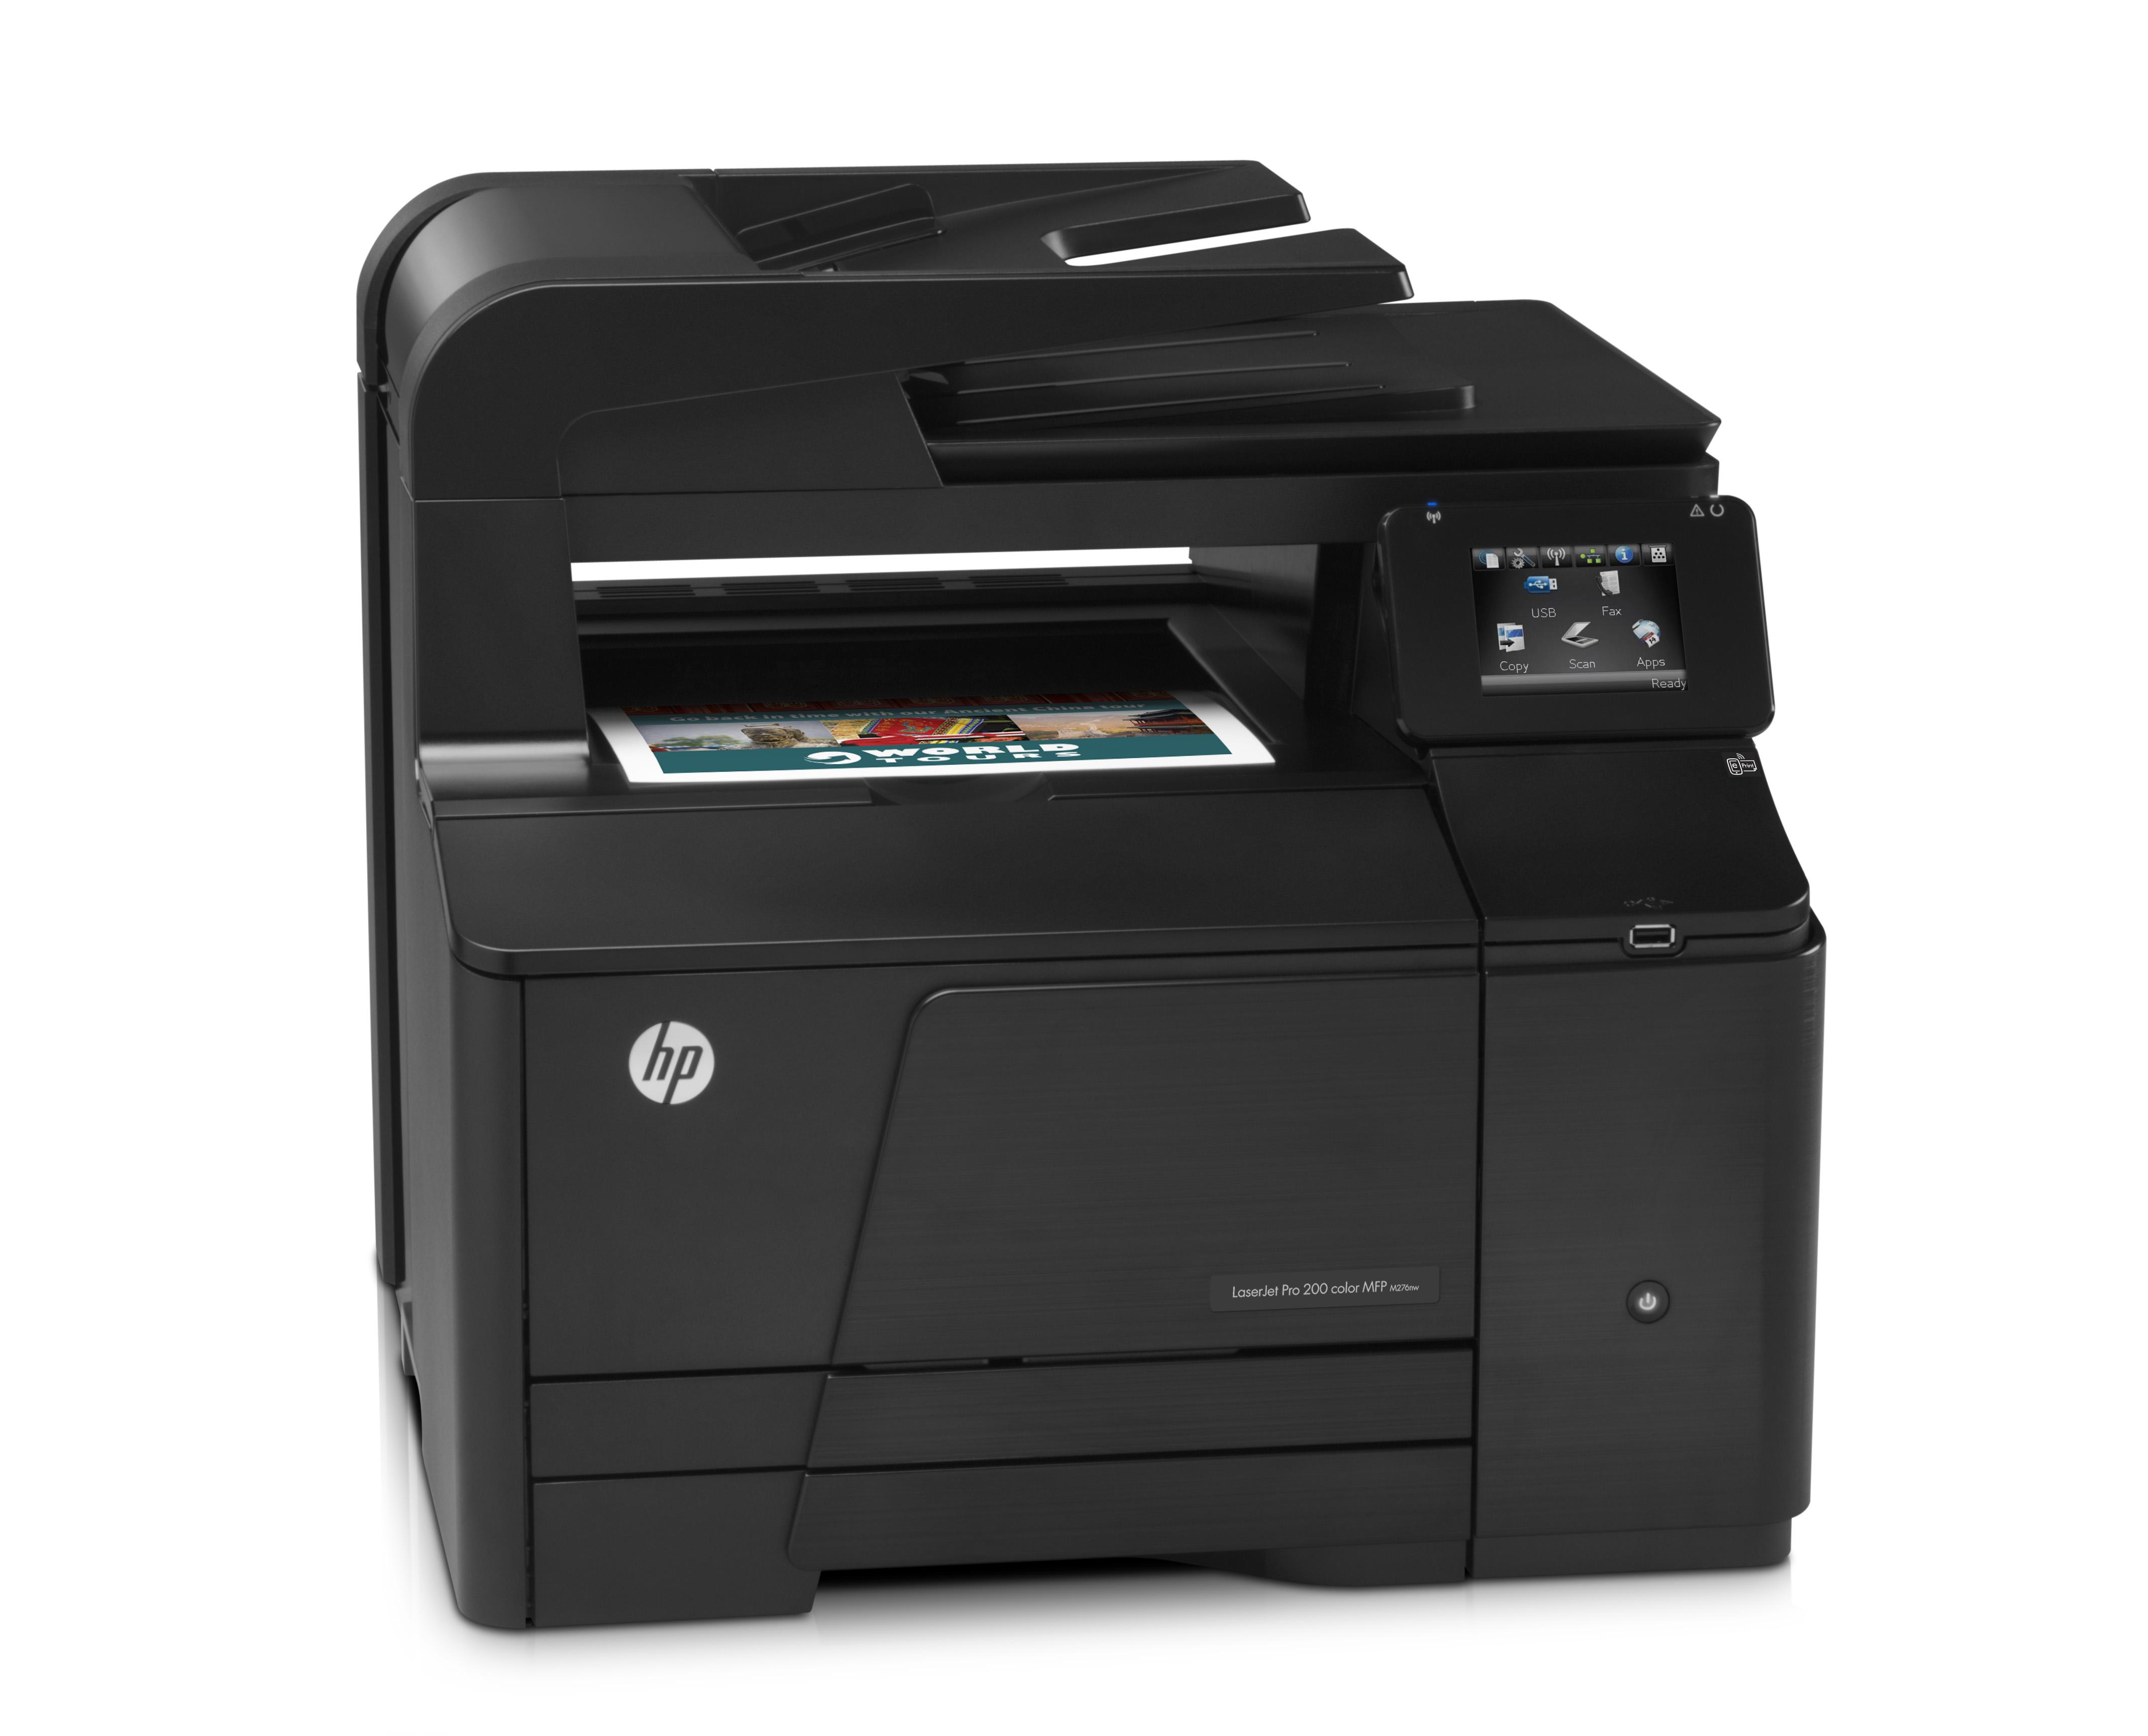 Принтер HP LaserJet Pro 200 color MFP M276nw